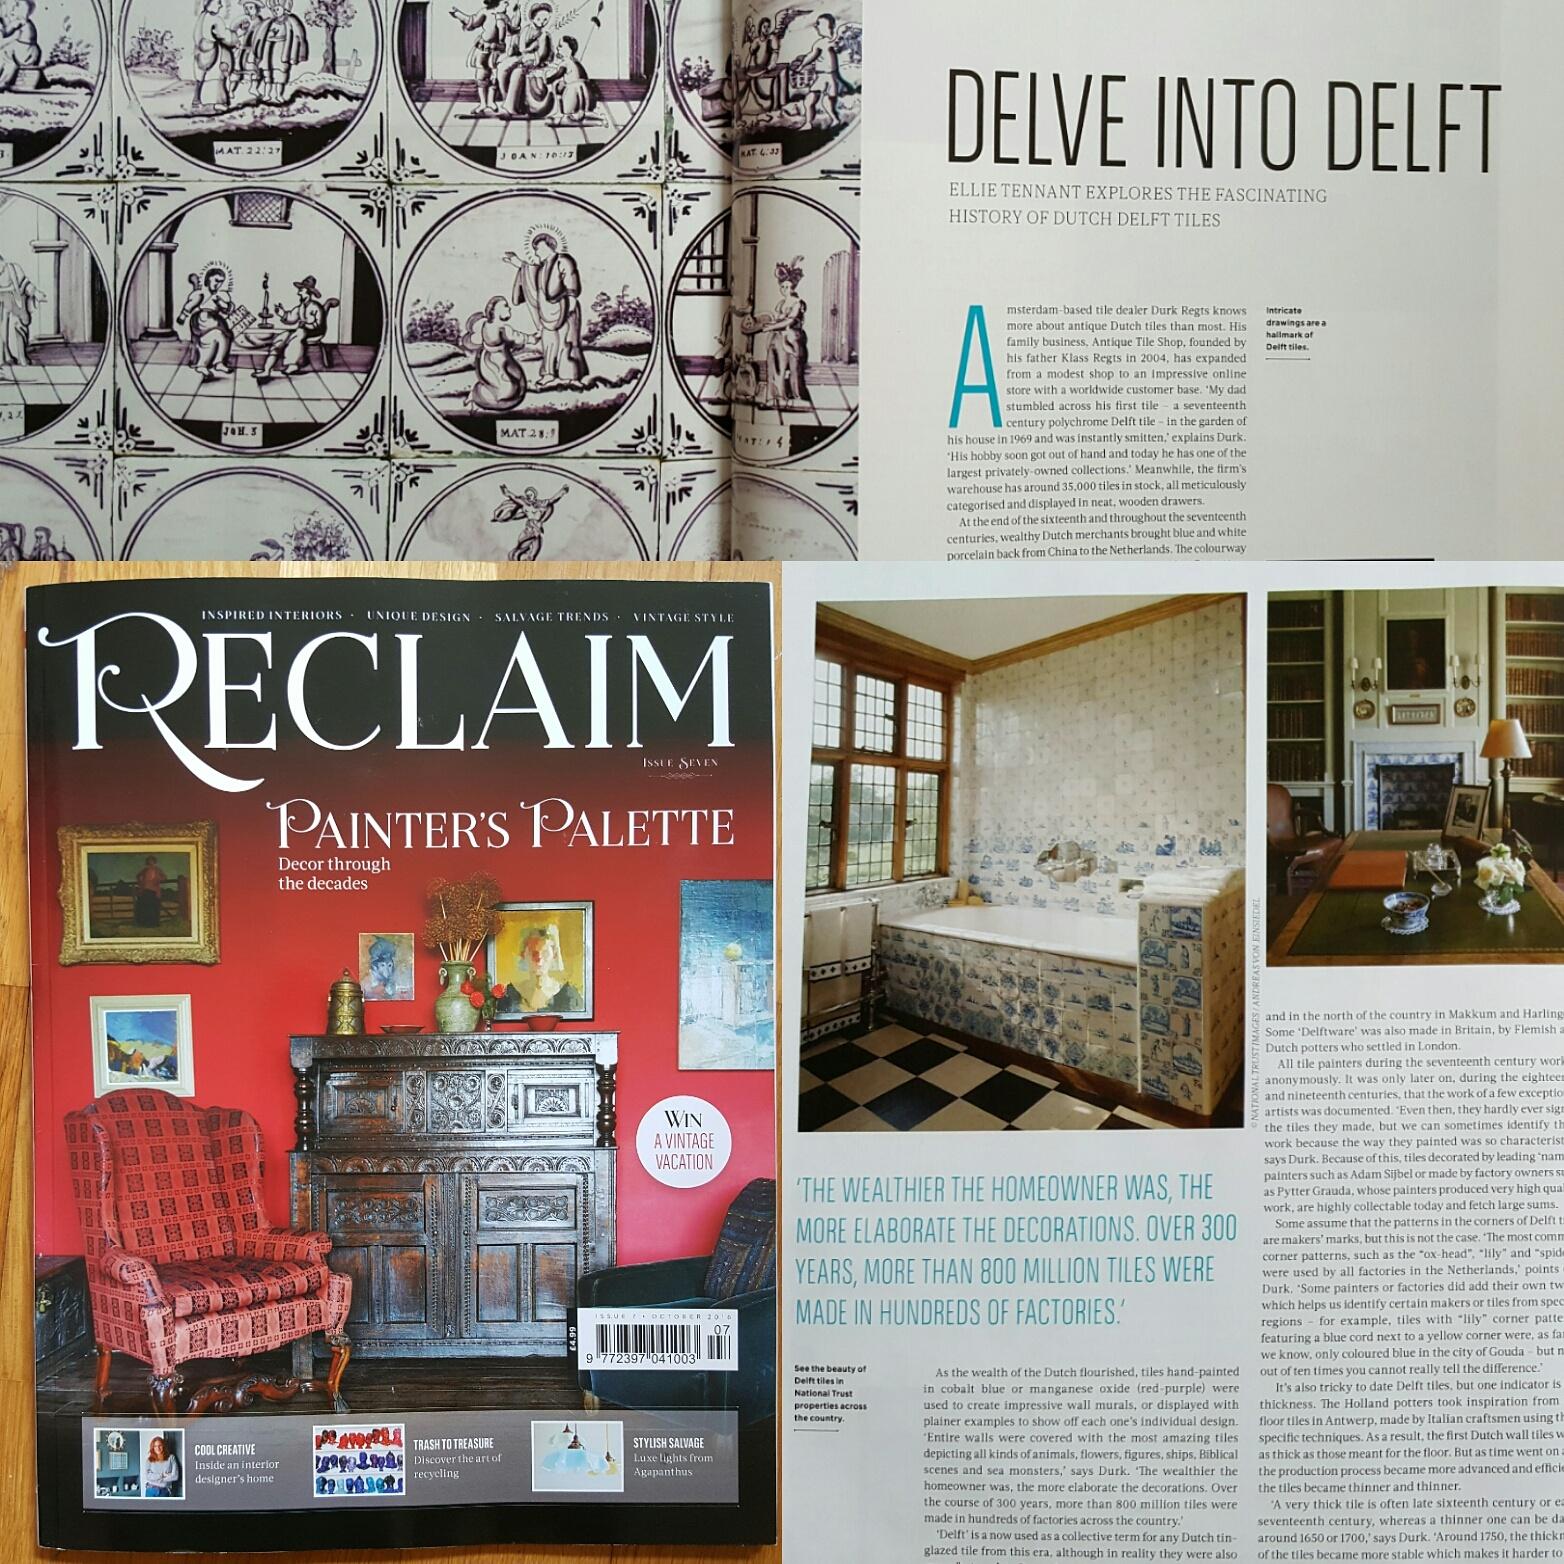 Antique Tile Shop in RECLAIM Magazine